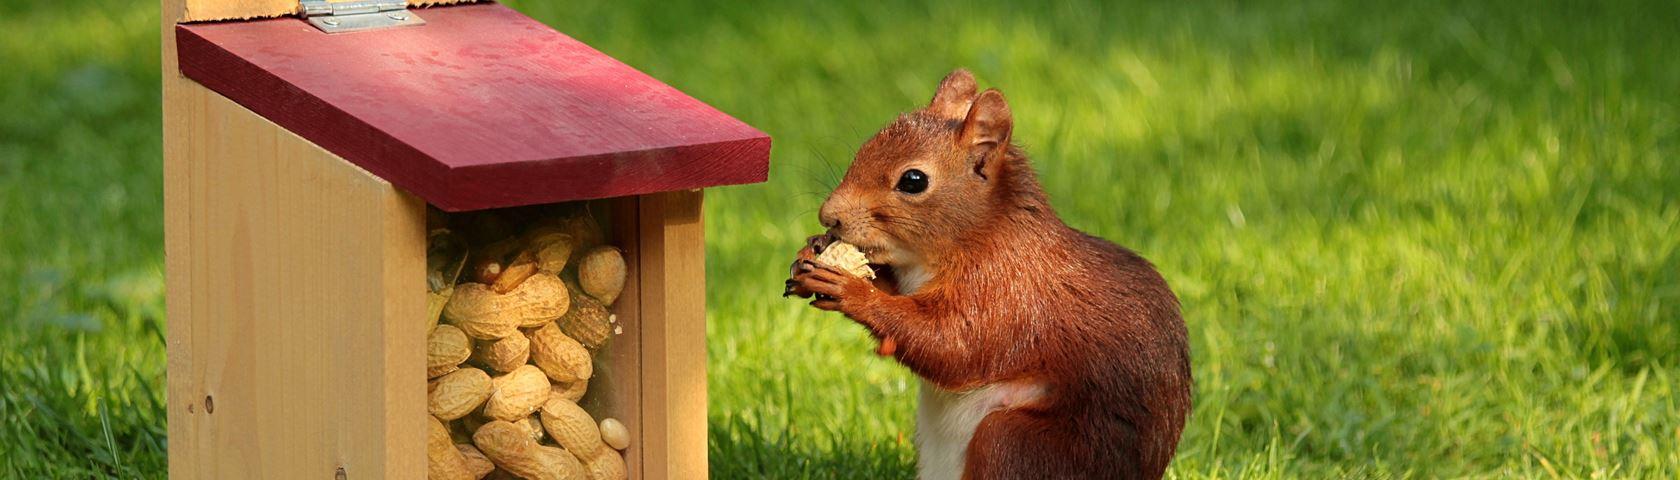 Nutfest